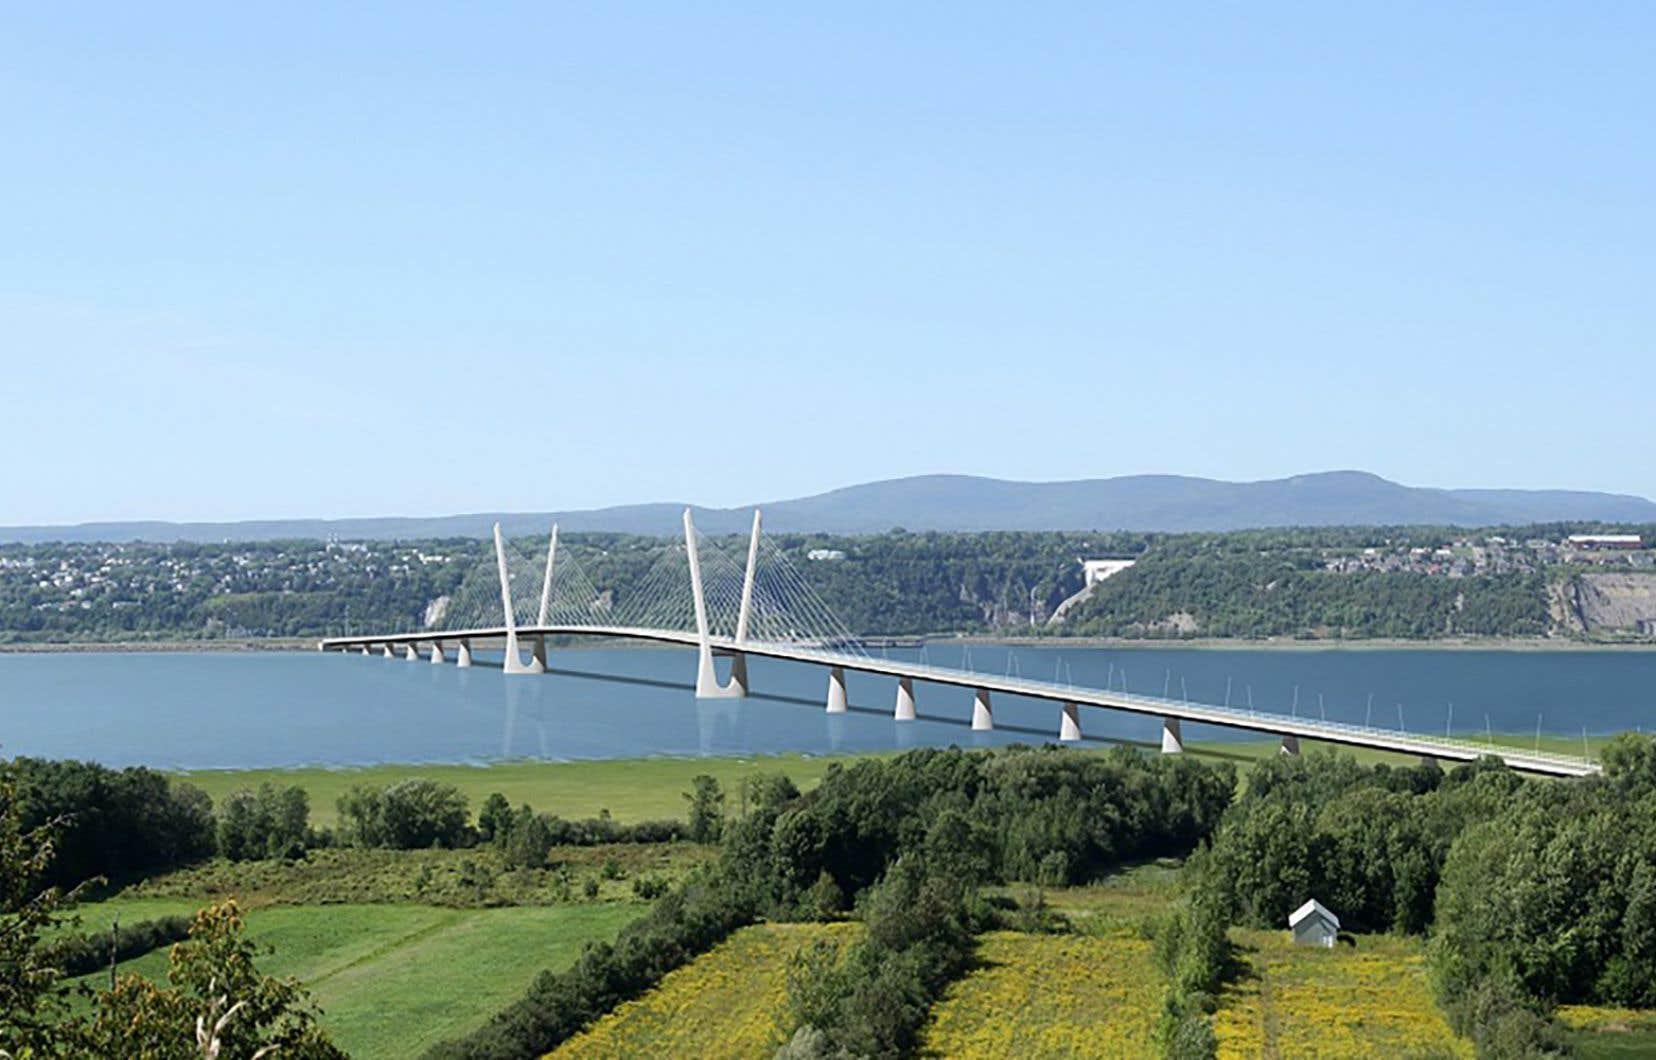 La construction du nouvel ouvrage devrait être entreprise en 2022 et se conclure en 2027.